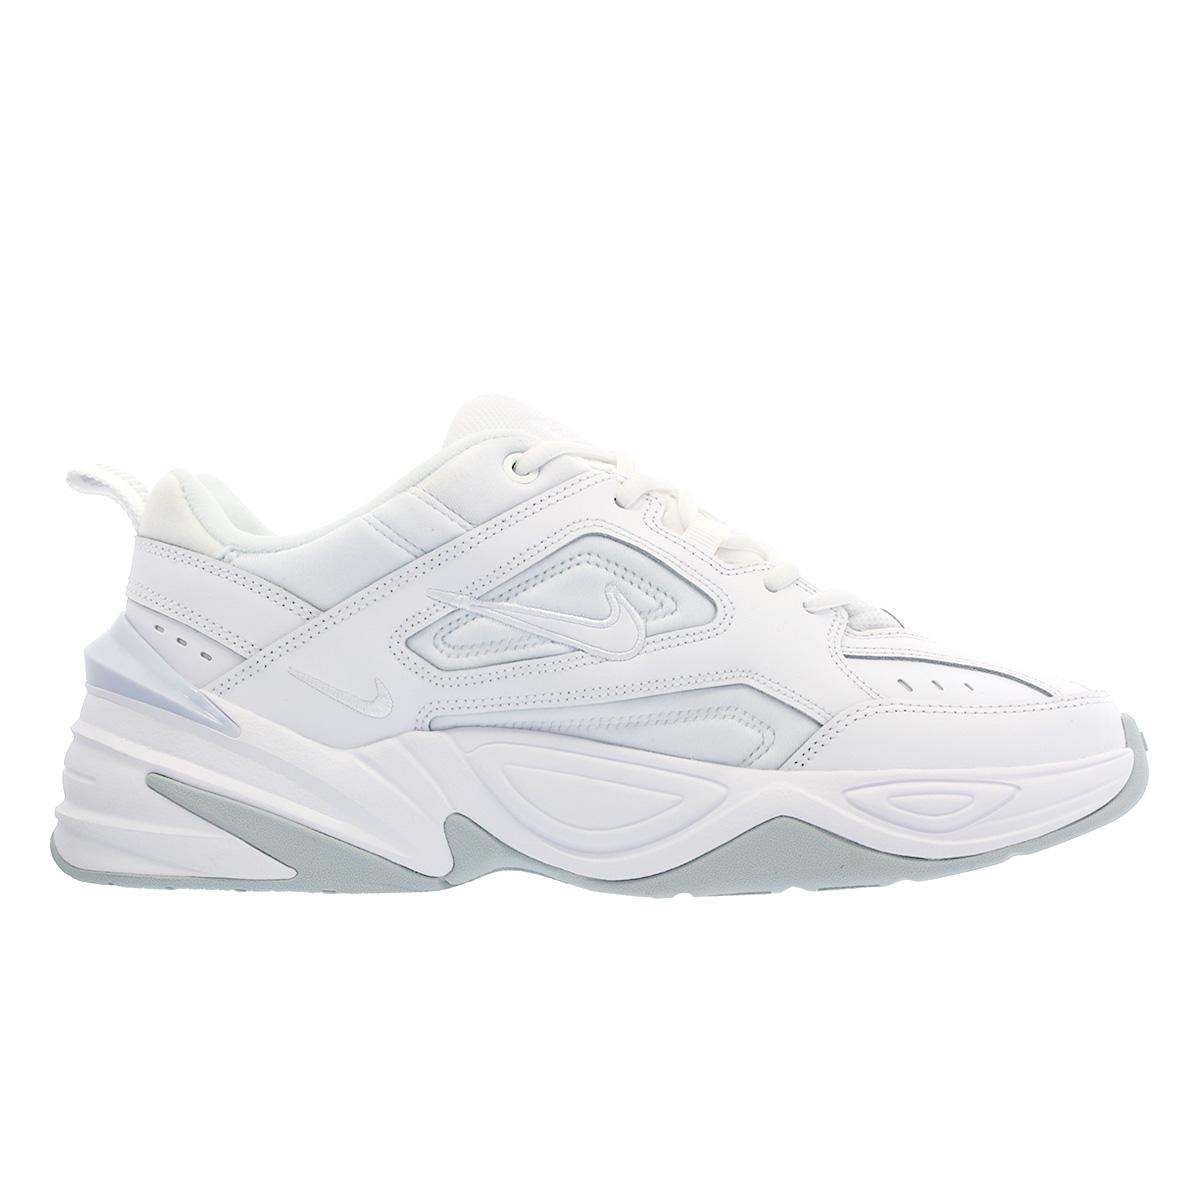 44917633923 ... NIKE M2K TEKNO Nike M2K techno WHITE/WHITE/PURE PLATINUM av4789-101 ...